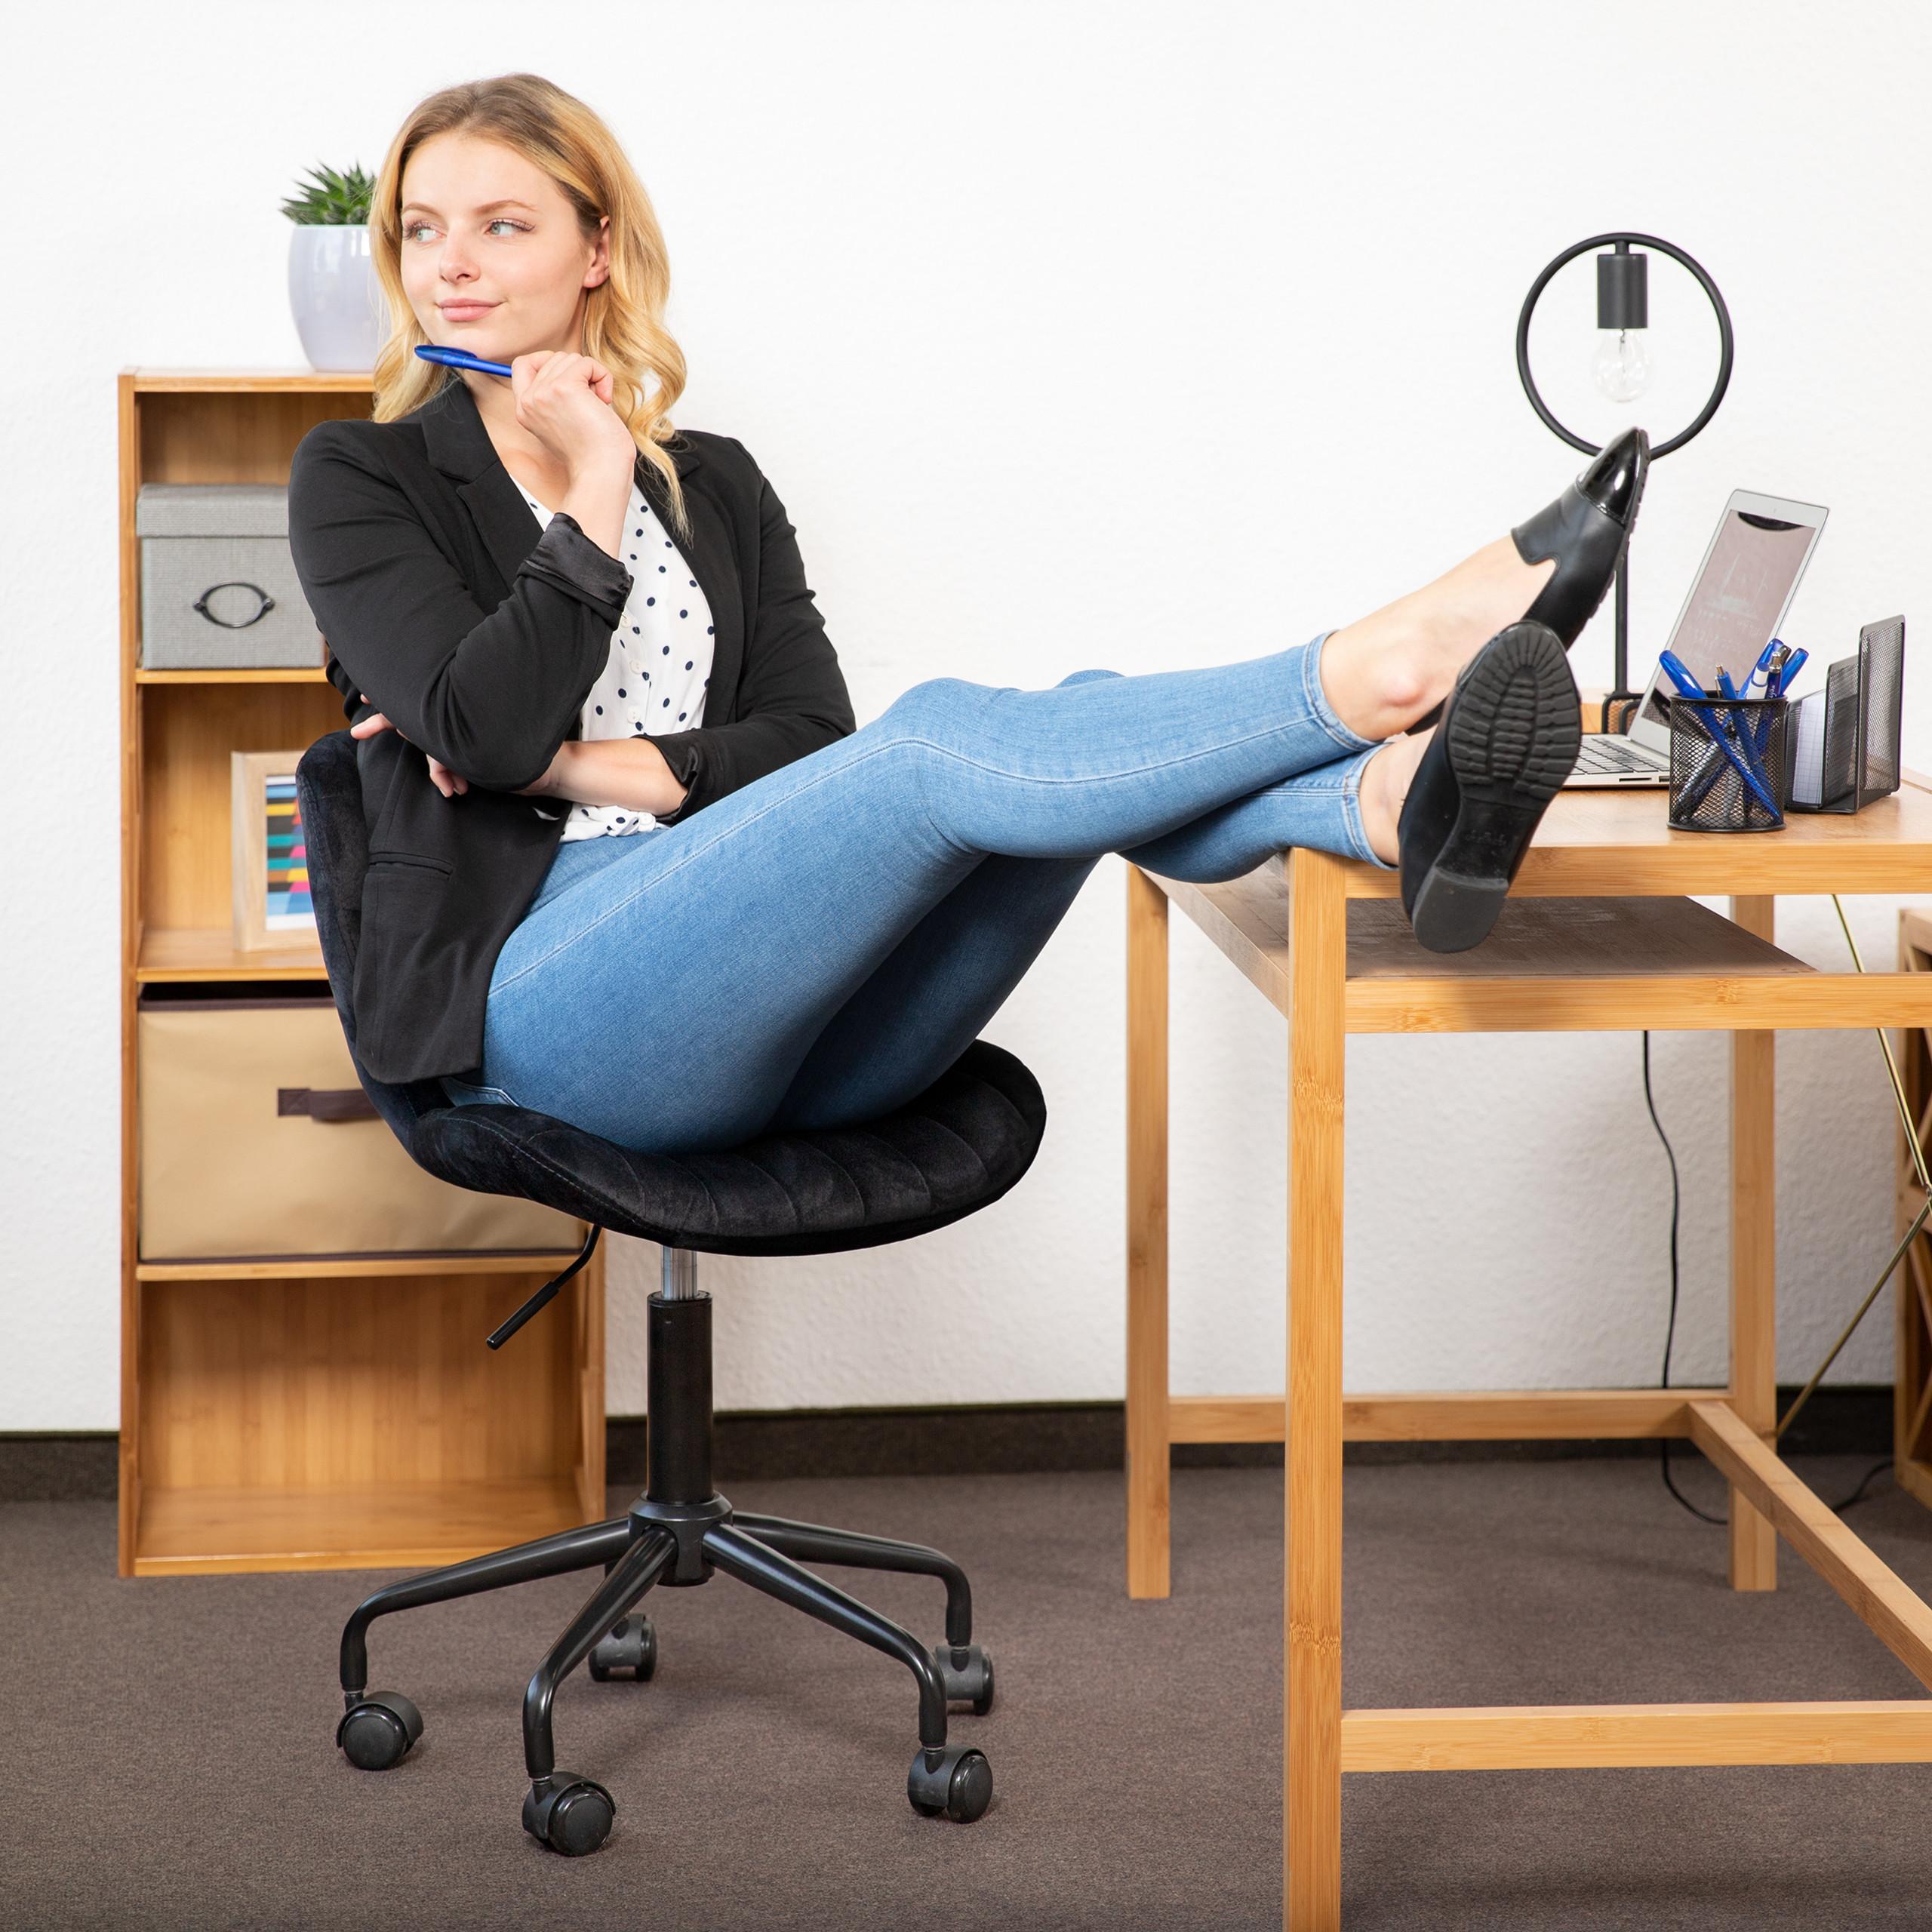 Bürostuhl Bürosessel Computerstuhl Stuhl Schreibtischstuhl Drehstuhl Chefsessel